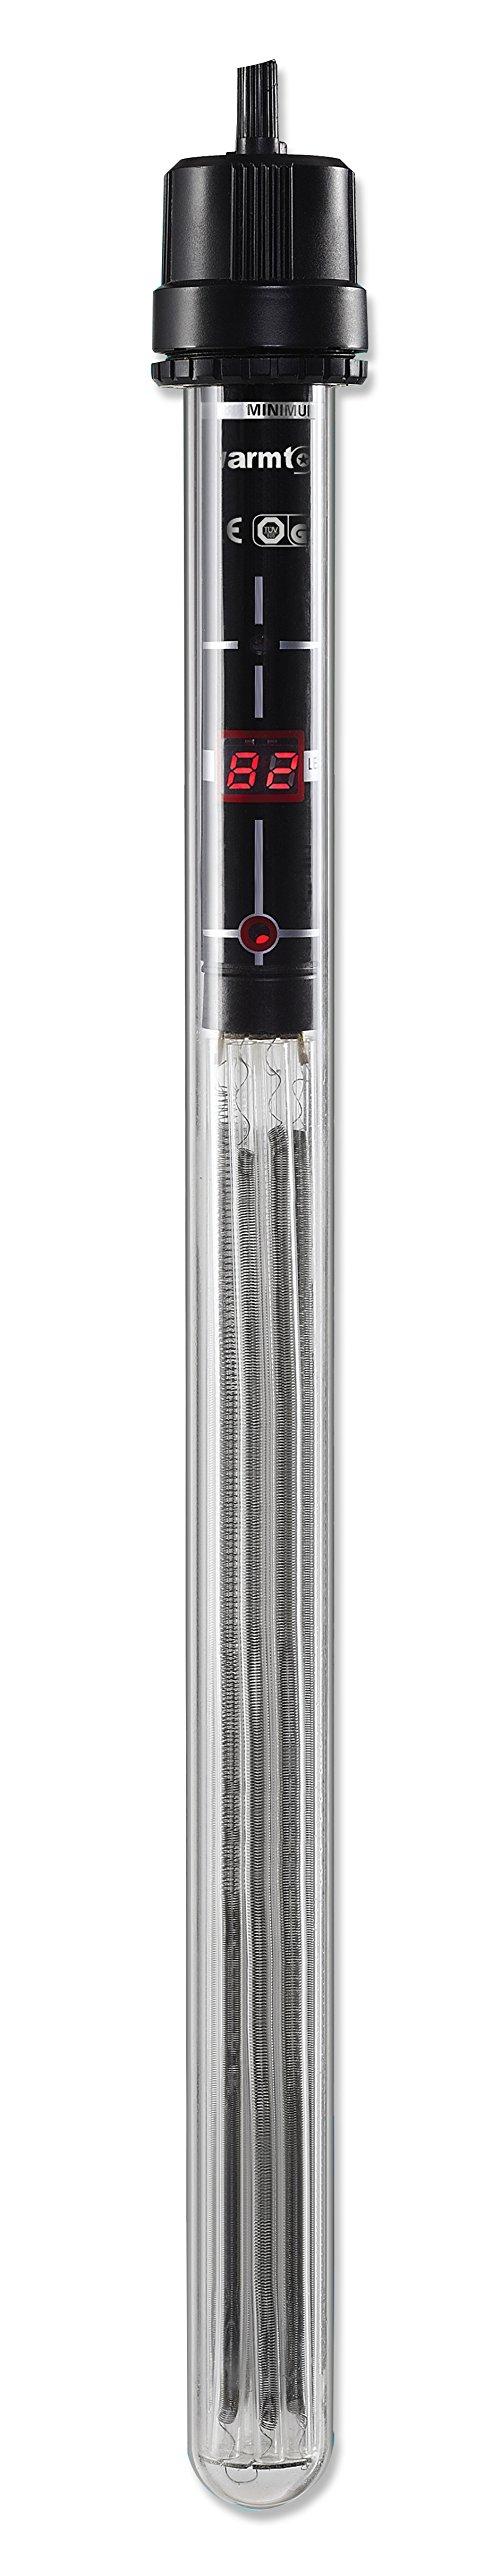 Penn Plax CH16500 Aquarium Heater